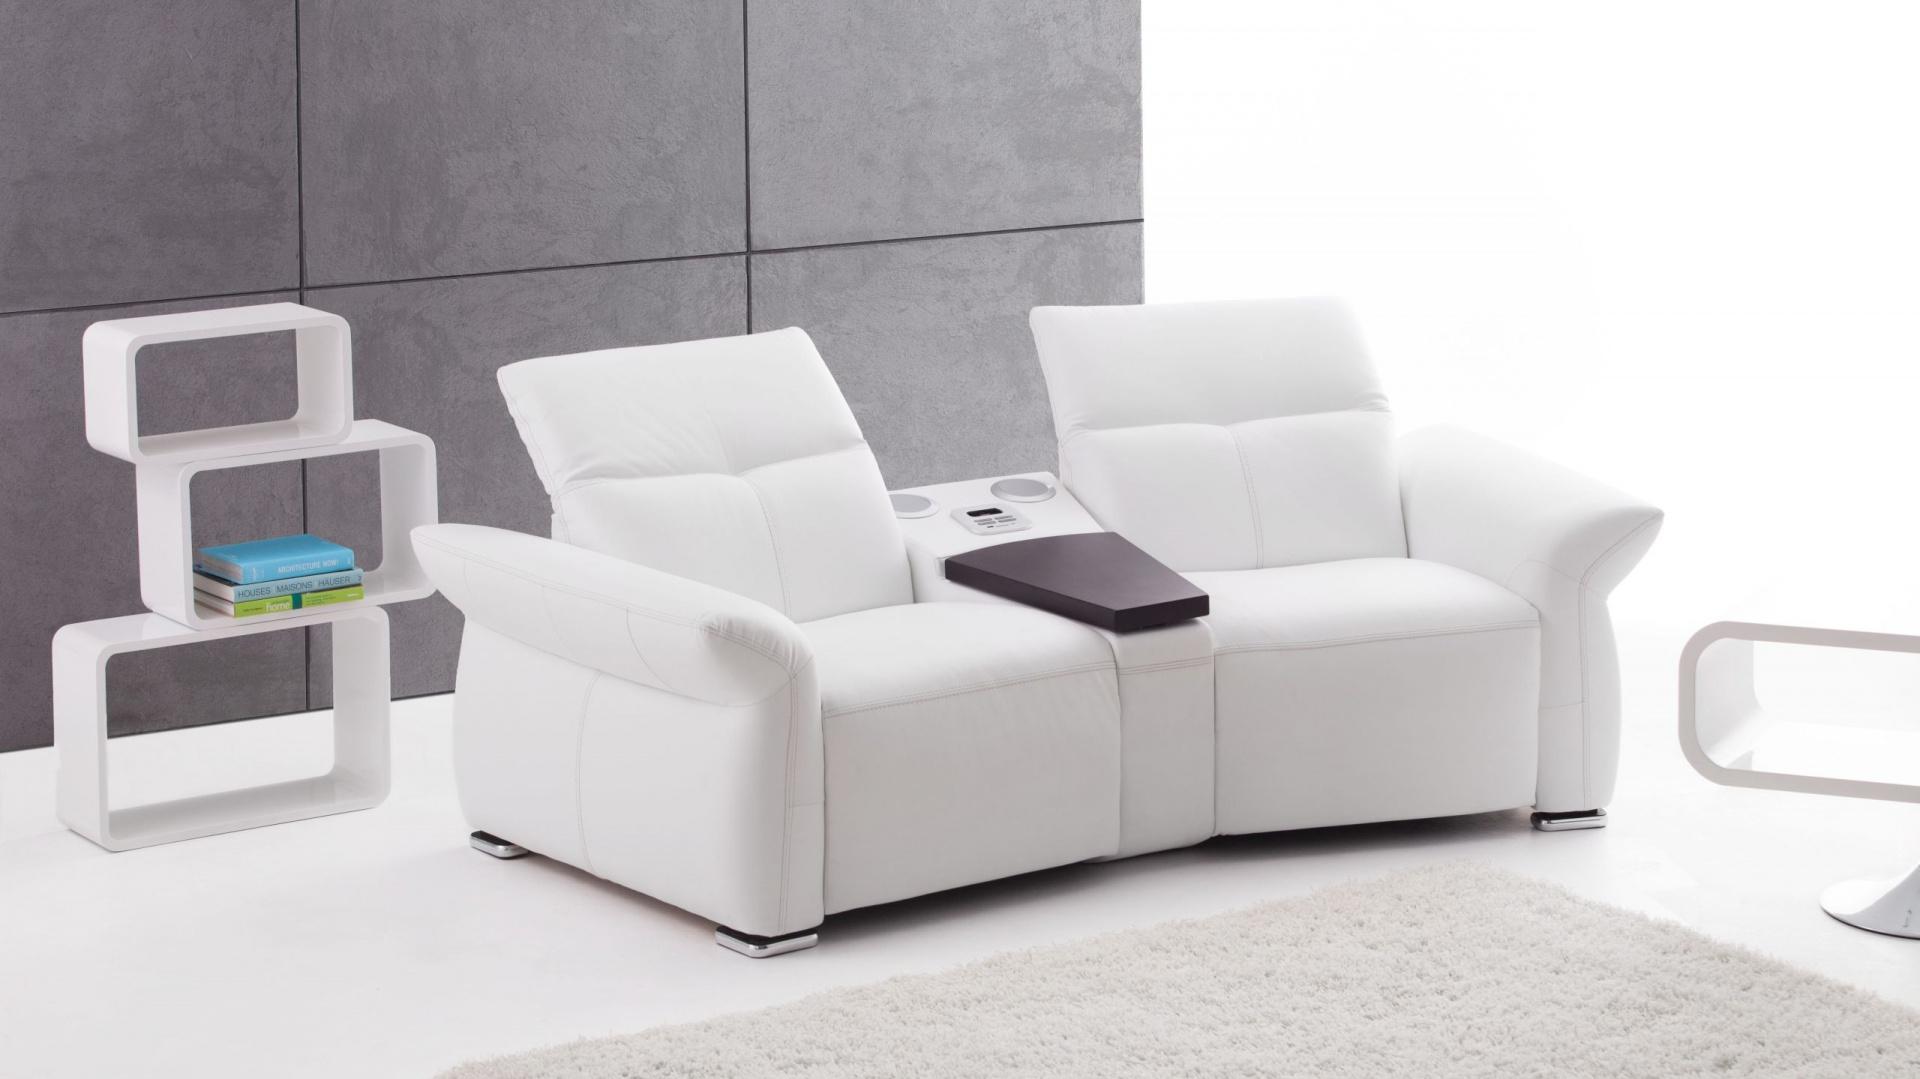 Dwuosobowa sofa Impressione marki Agata Meble z praktycznym stolikiem między siedziskami oraz panelem audio. Model dostępny wyłącznie w skórze naturalnej. Cena: od 7.847 zł. Fot. Agata Meble.